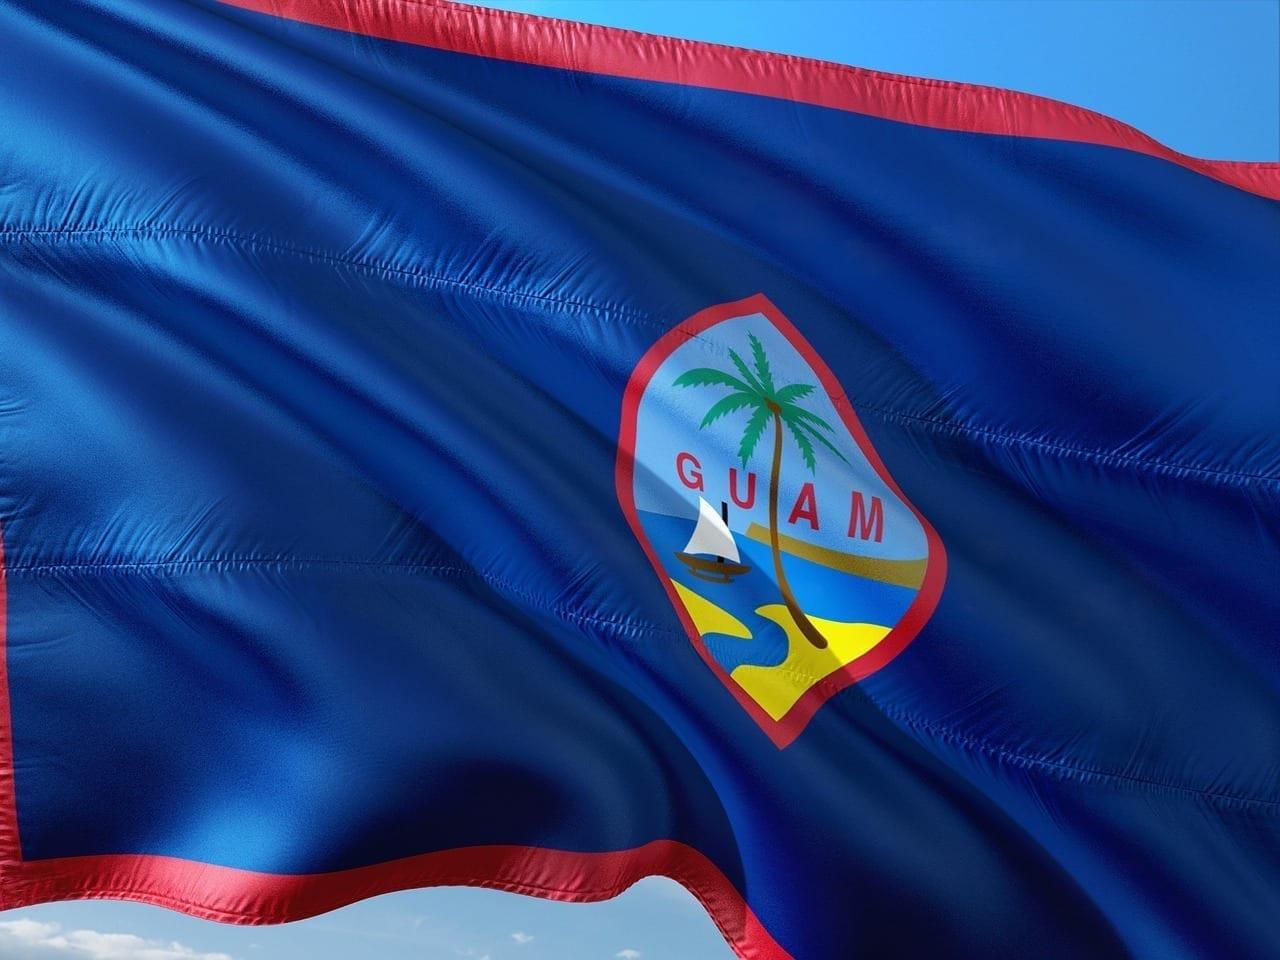 Internacional Bandera Guam Guam